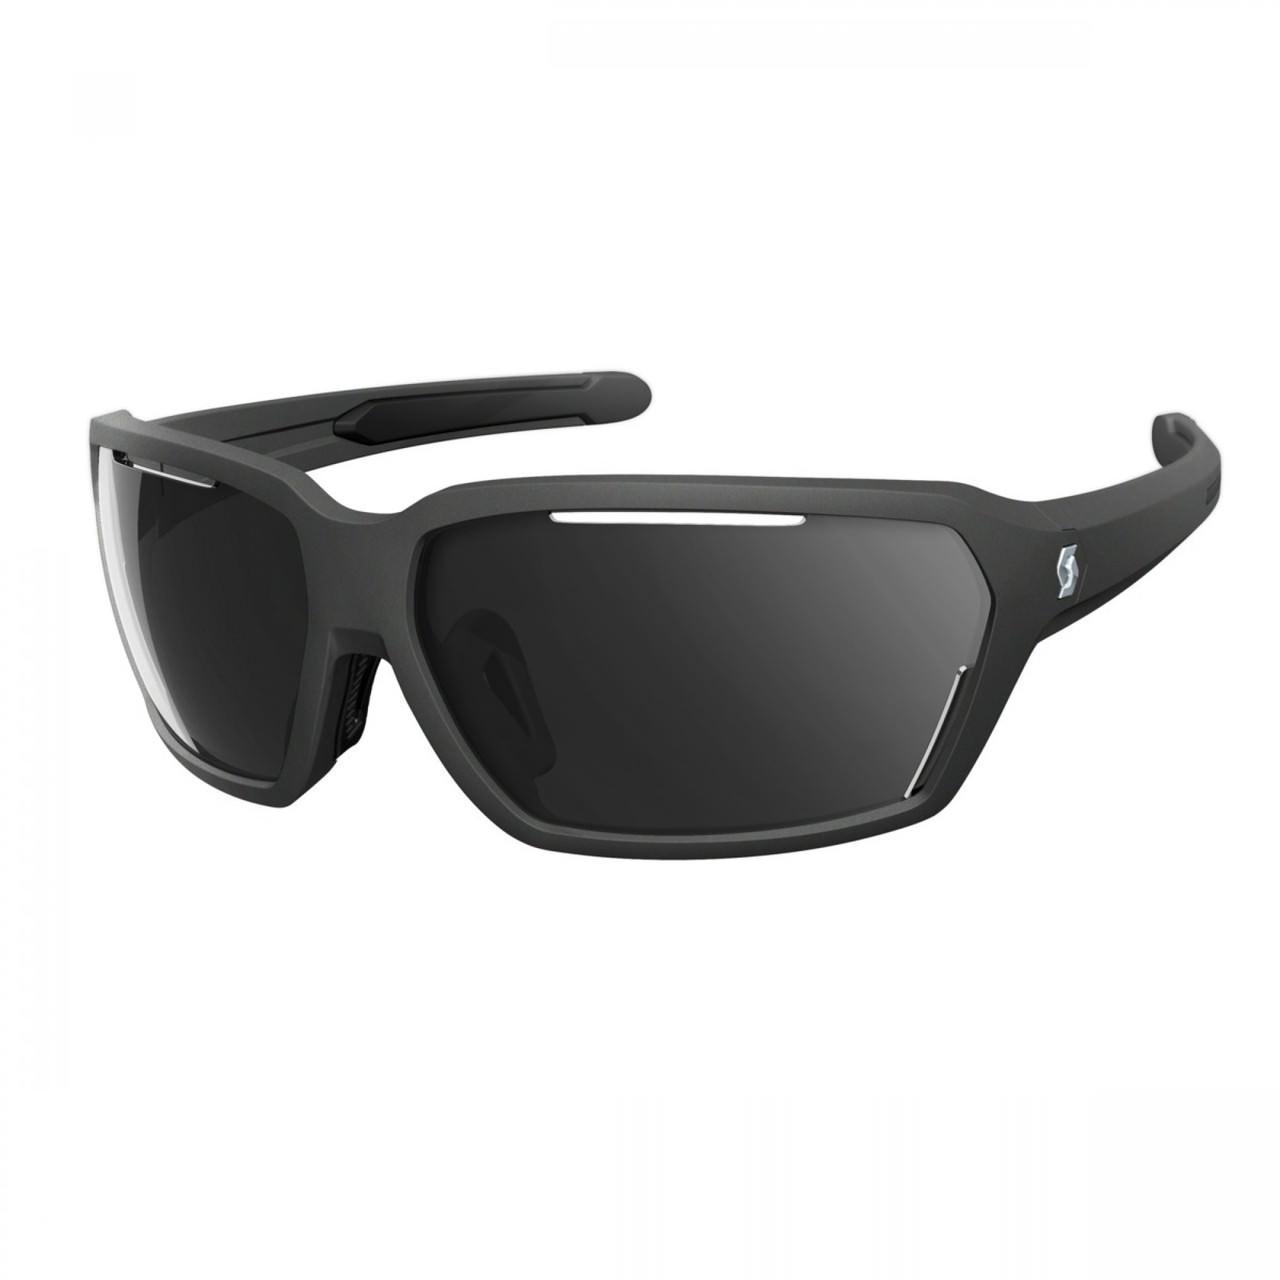 Спортивні окуляри SCOTT VECTOR чорний матовий сірий